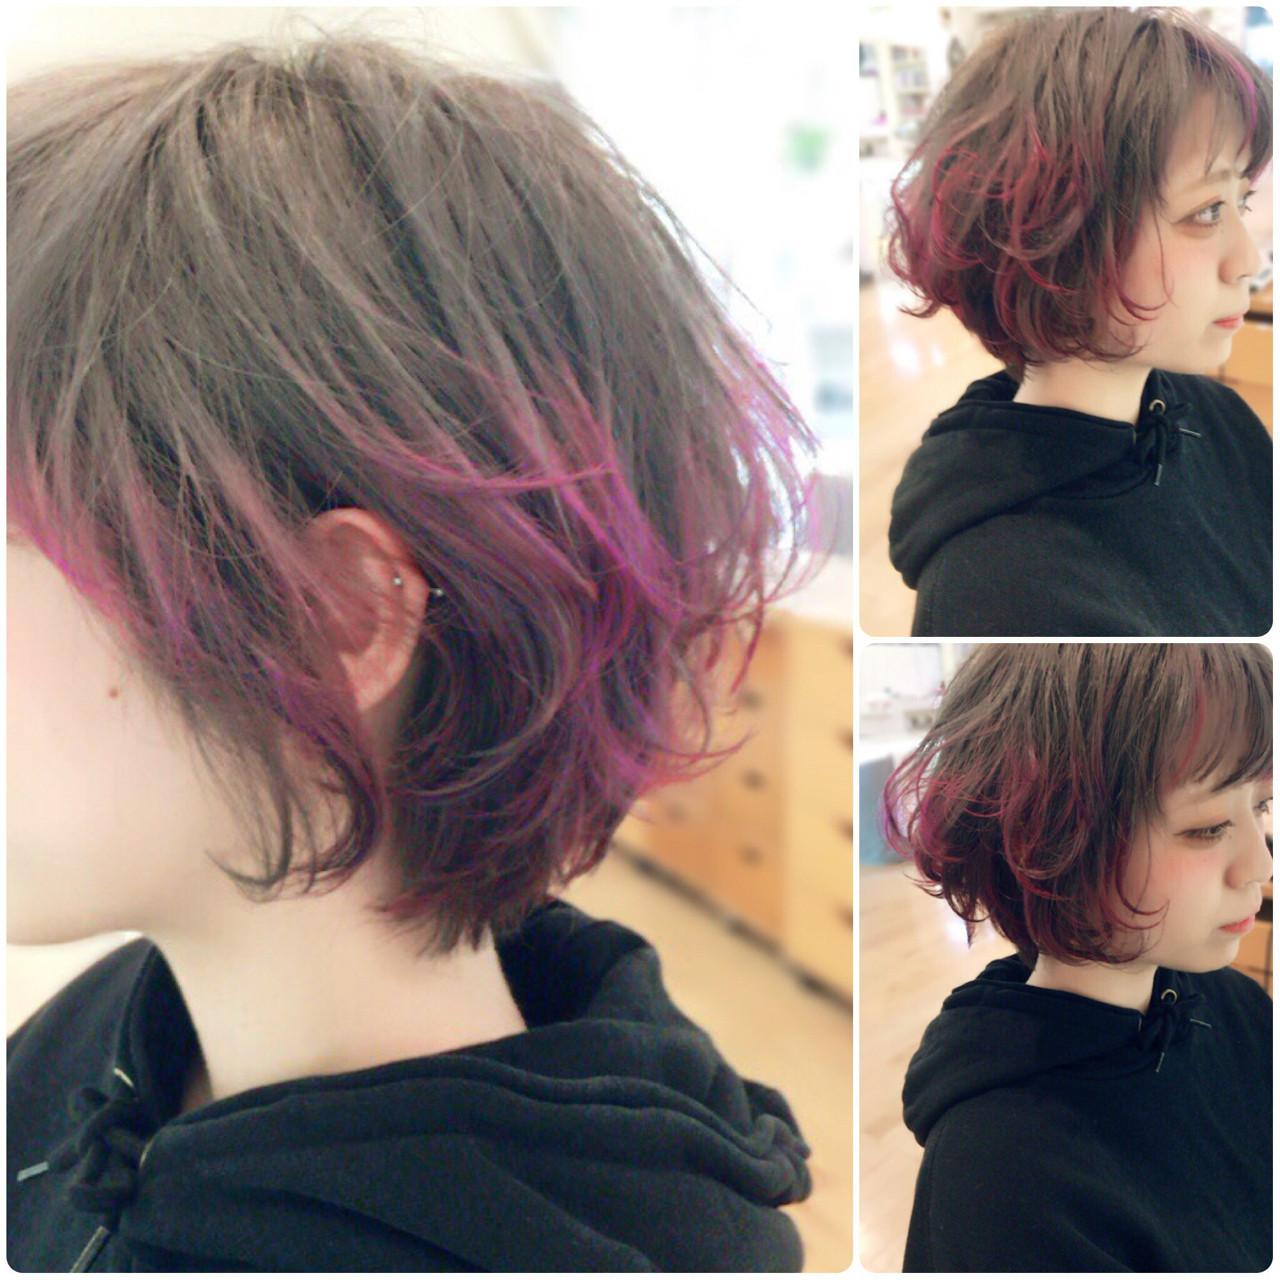 グラデーションカラー ダブルカラー ショートボブ ショート ヘアスタイルや髪型の写真・画像